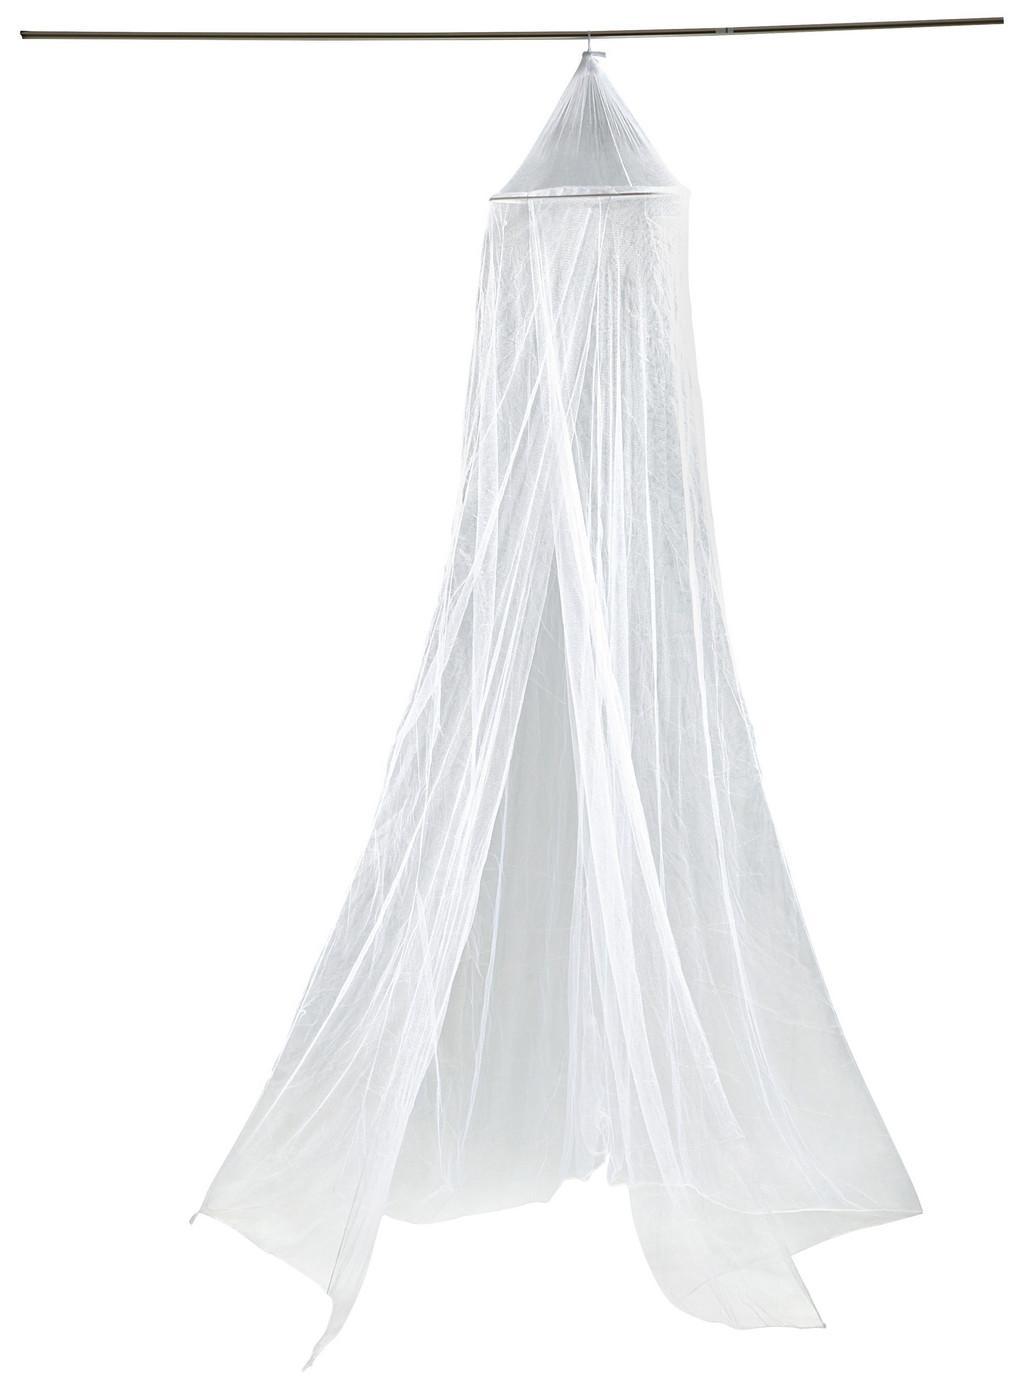 Moskitonetz in Weiß